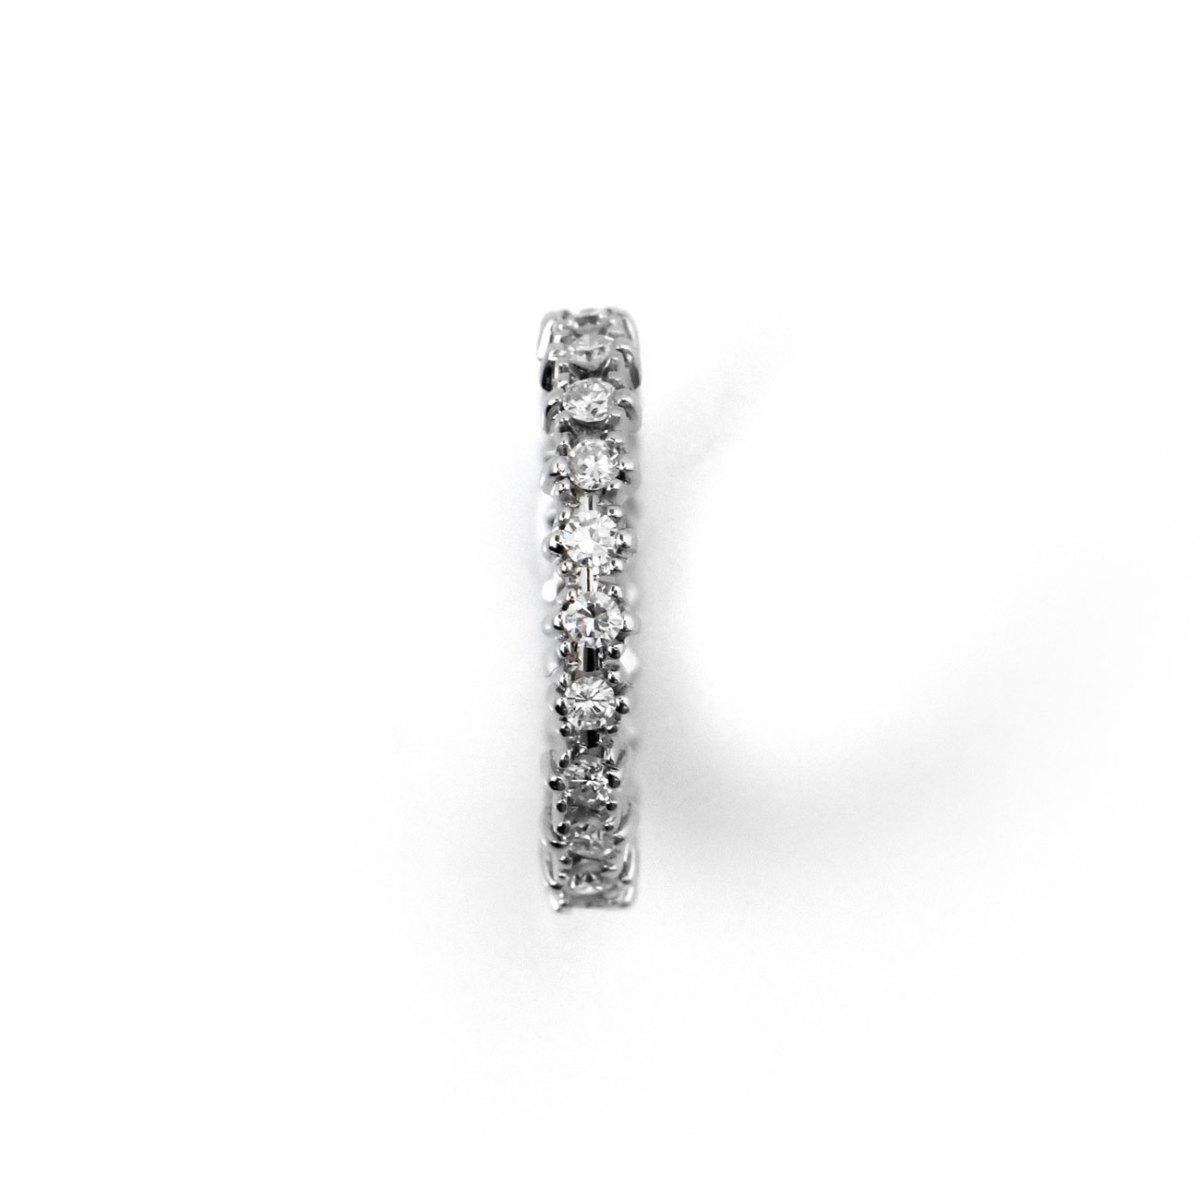 Alliance américaine diamants taille Brillant, 0,55 ct, serti griffes, or blanc | Réf. BA-B16674 | EVENOR Joaillerie • Bijoux neufs - Bijoux Vintage - Bijoux d'occasion